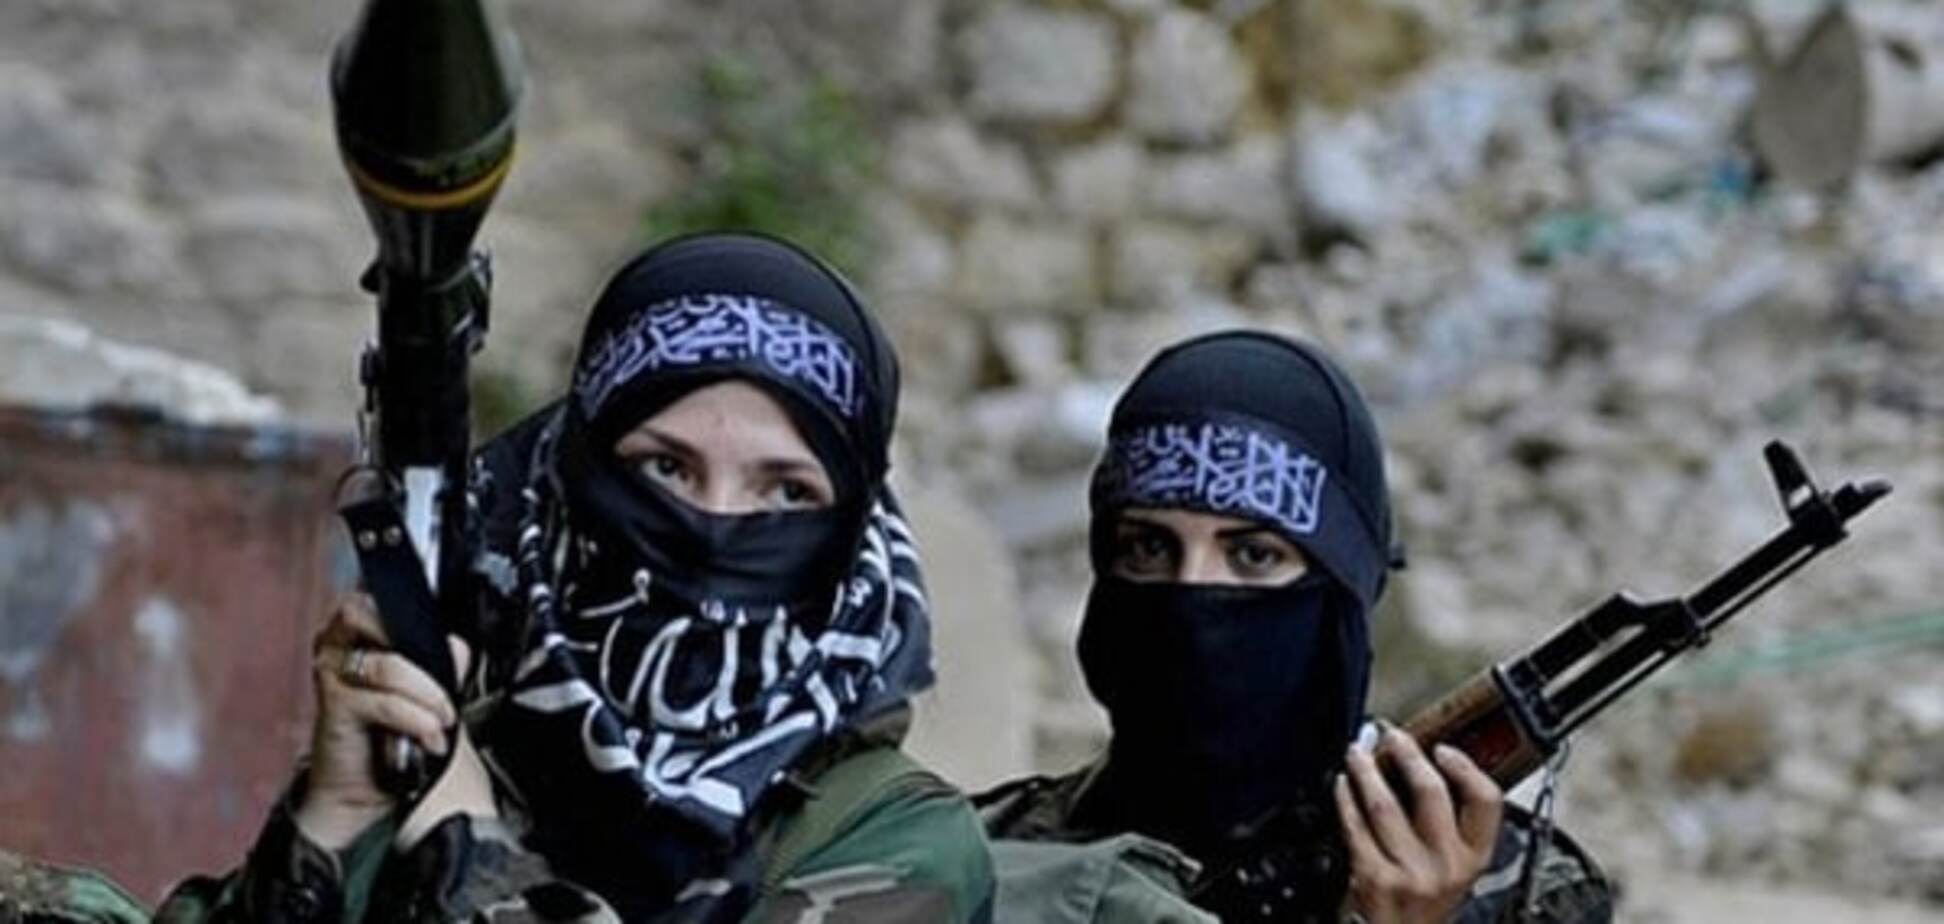 У Міноборони прокоментували продаж зброї ІДІЛ